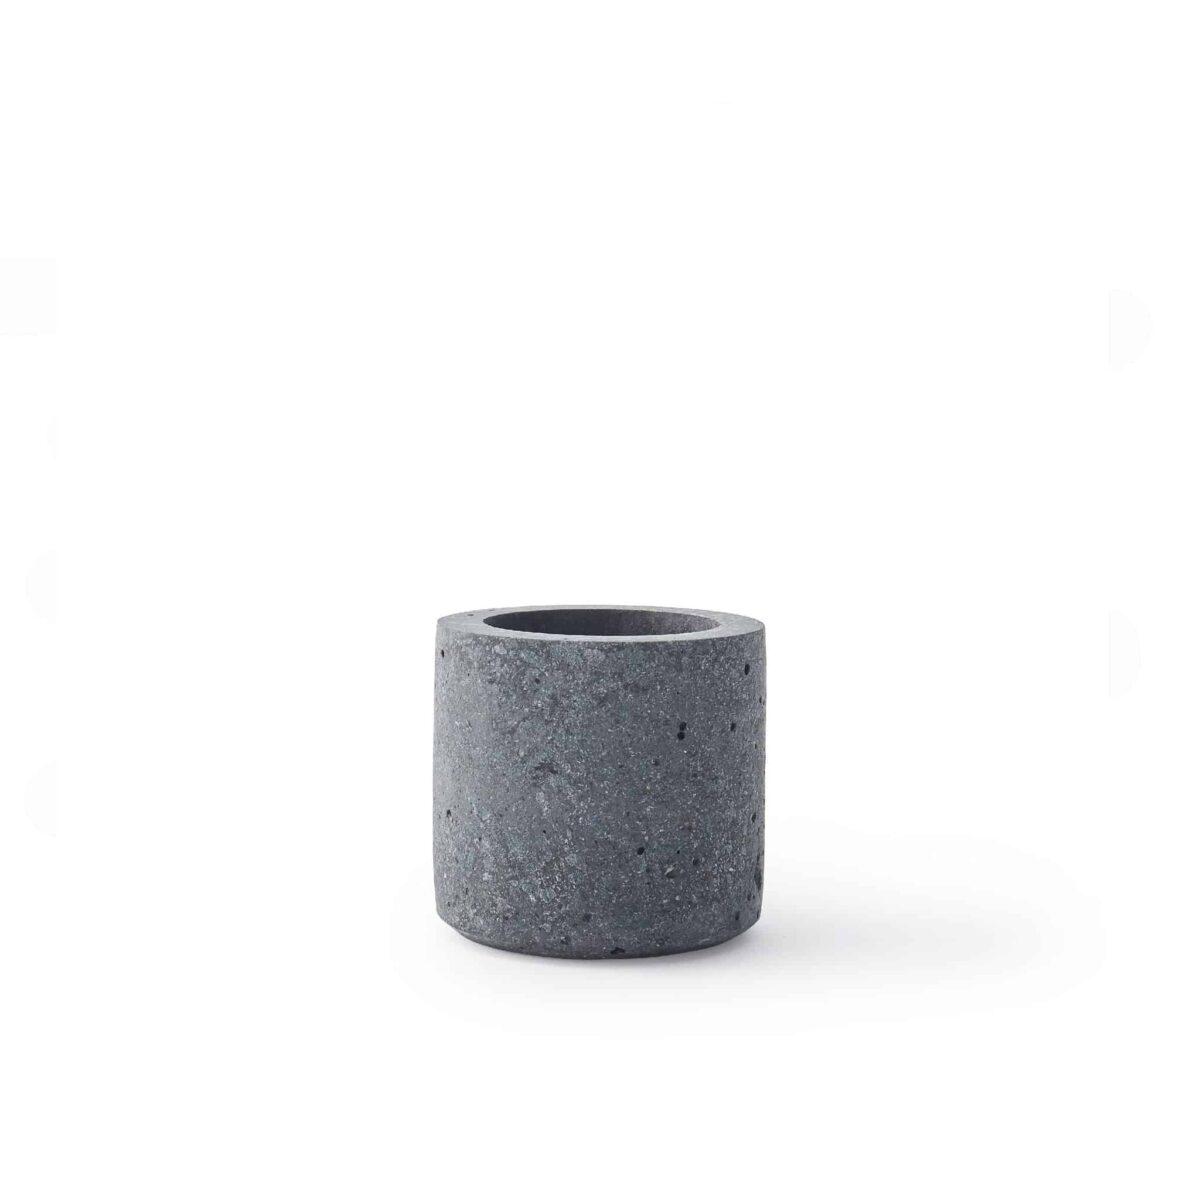 Conpot-Votive-Black-001